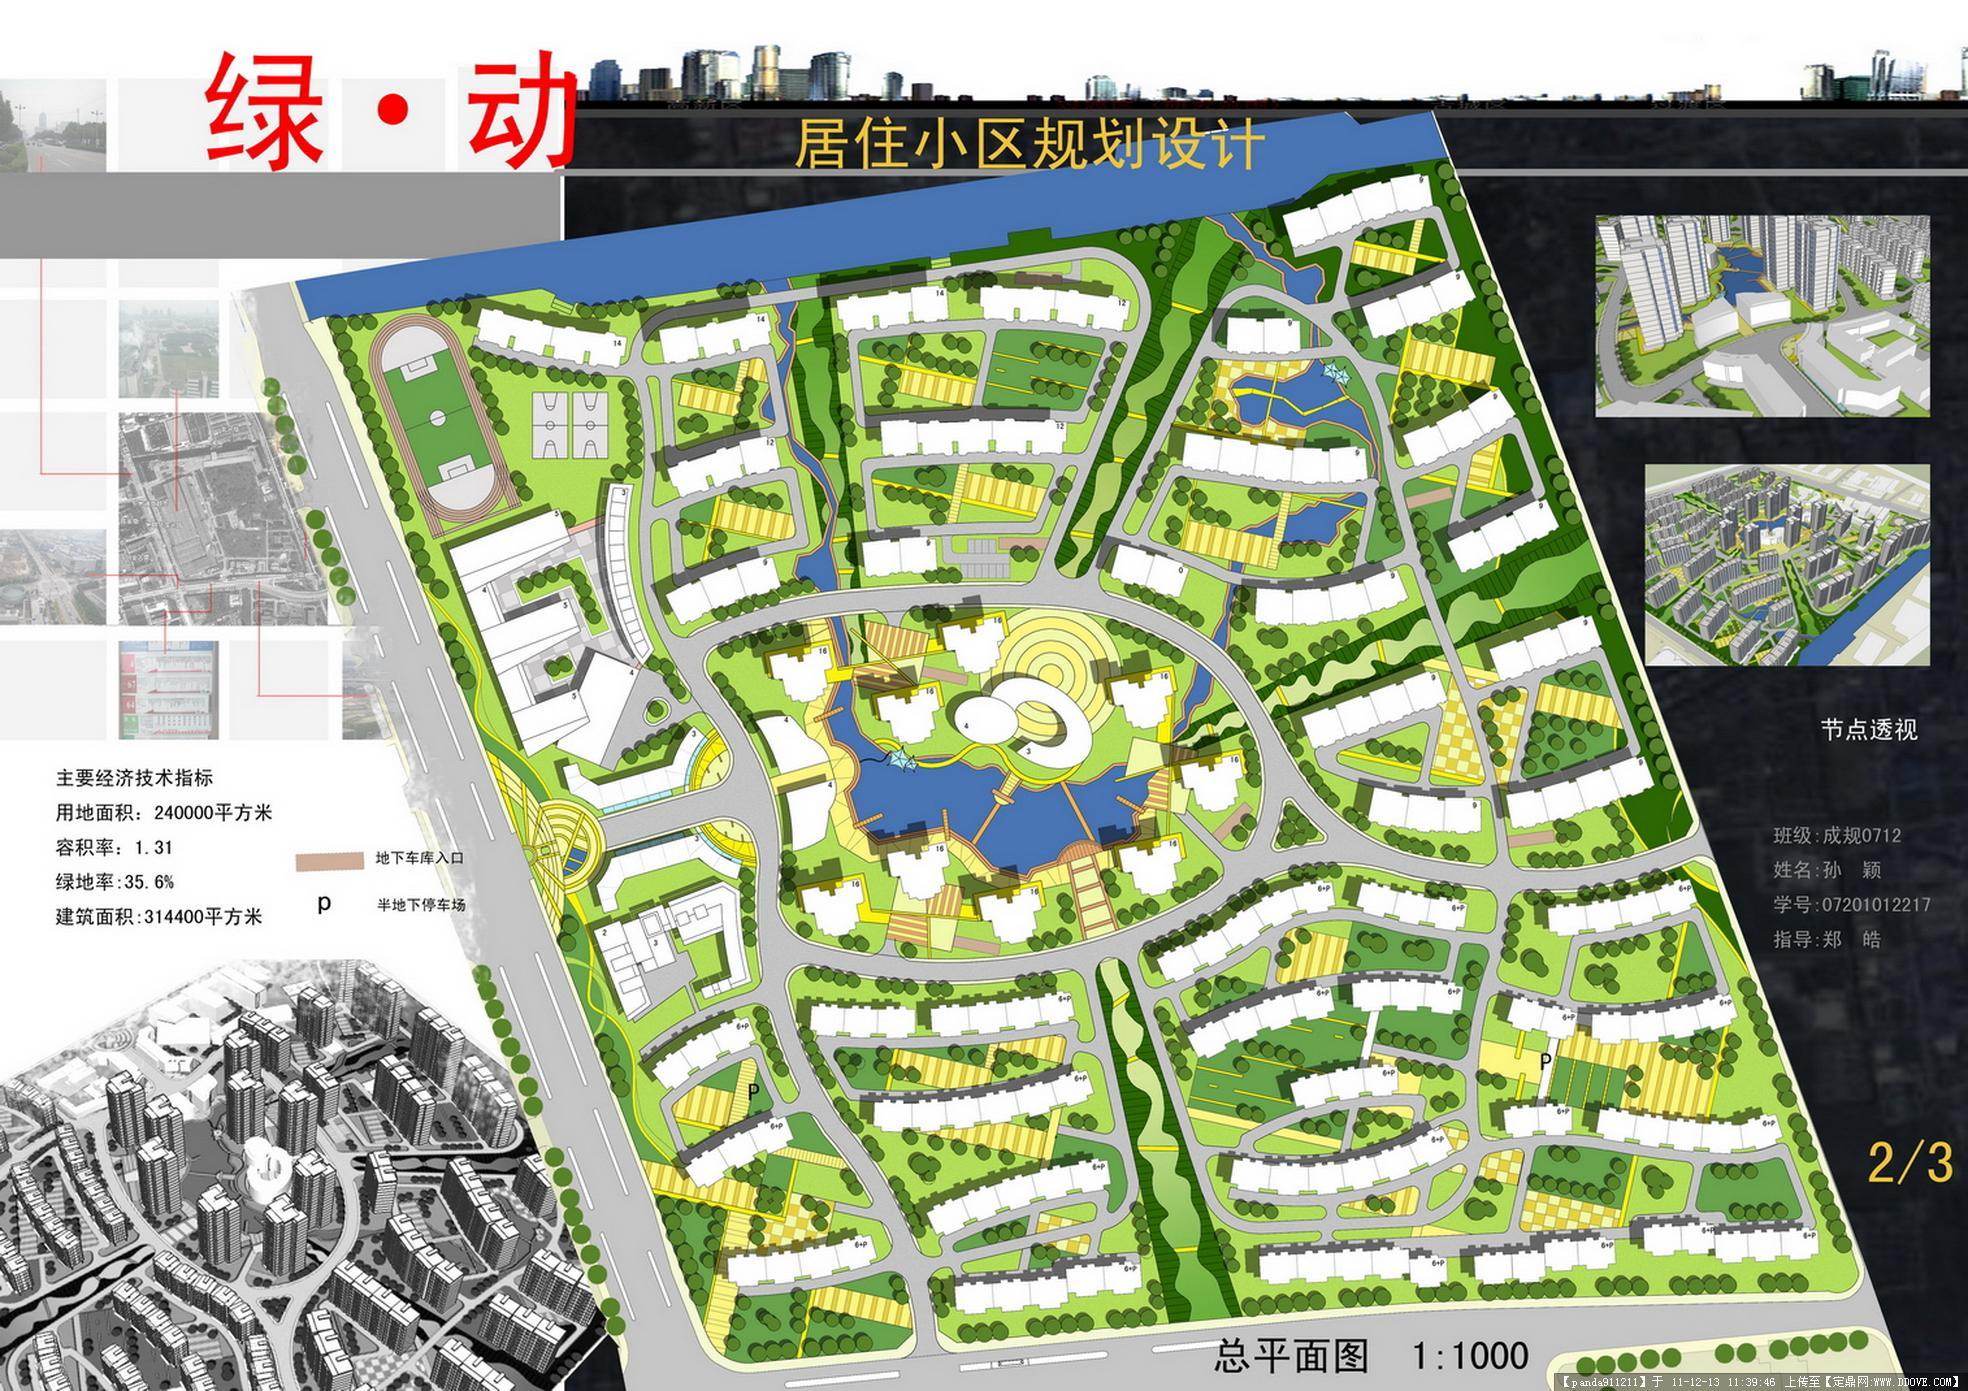 居住区规划平面图纸的图片浏览